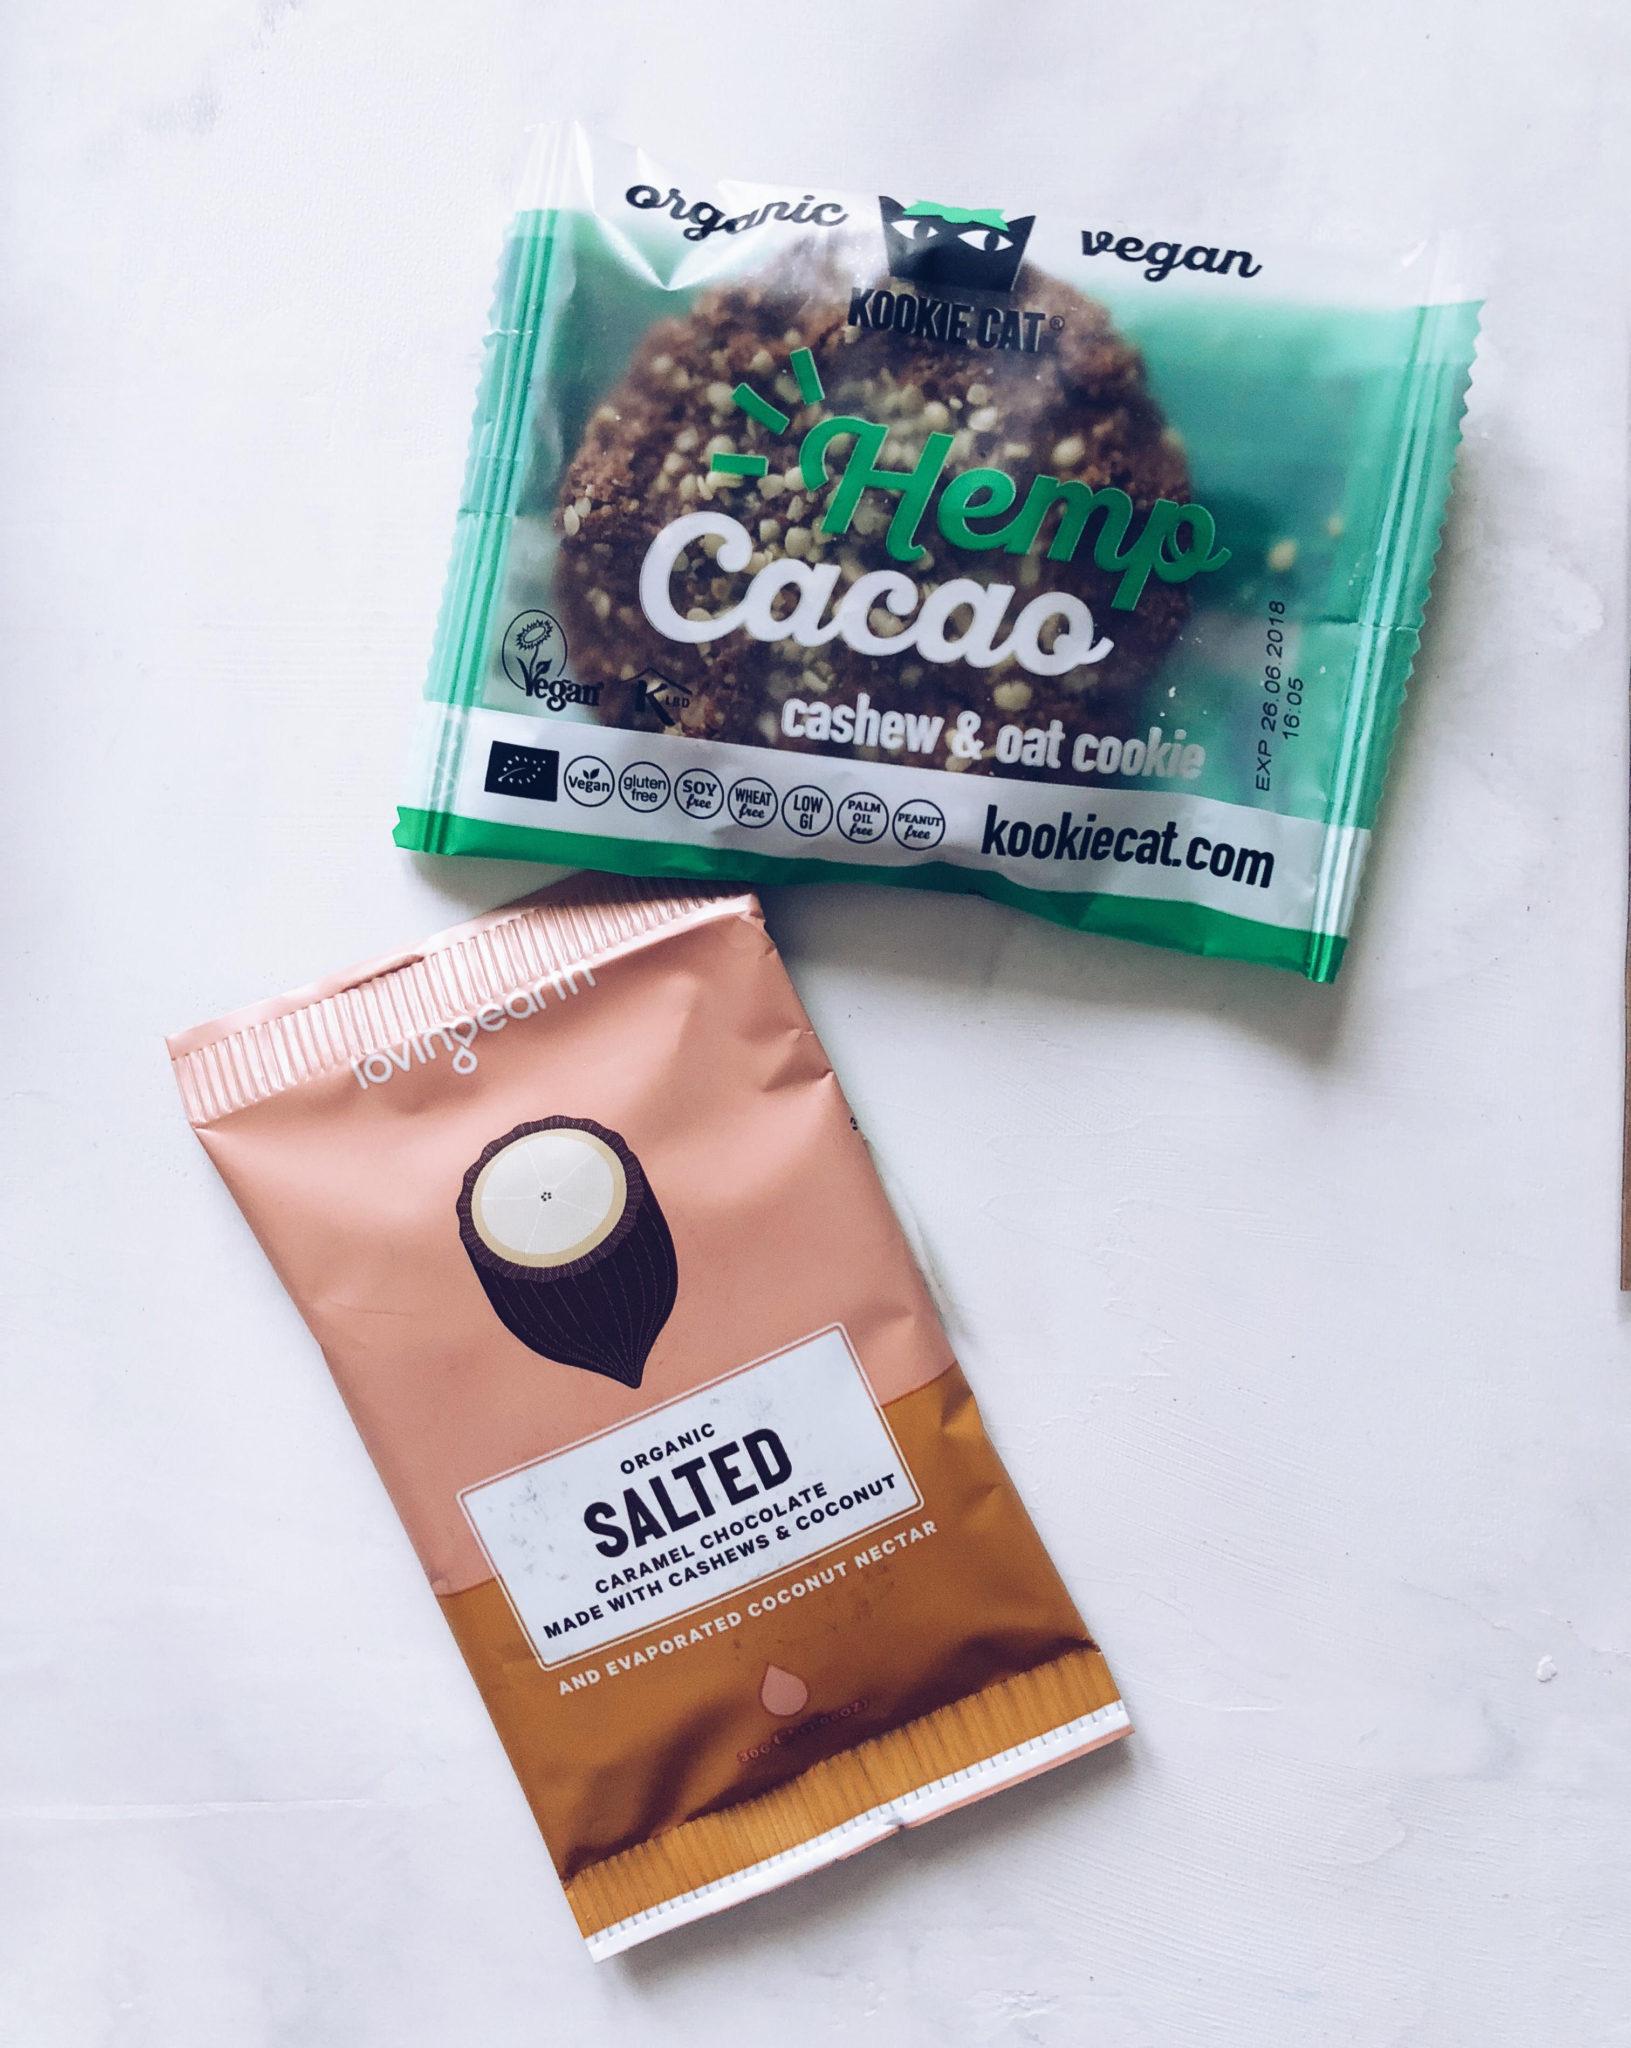 Bedste kakao cookies